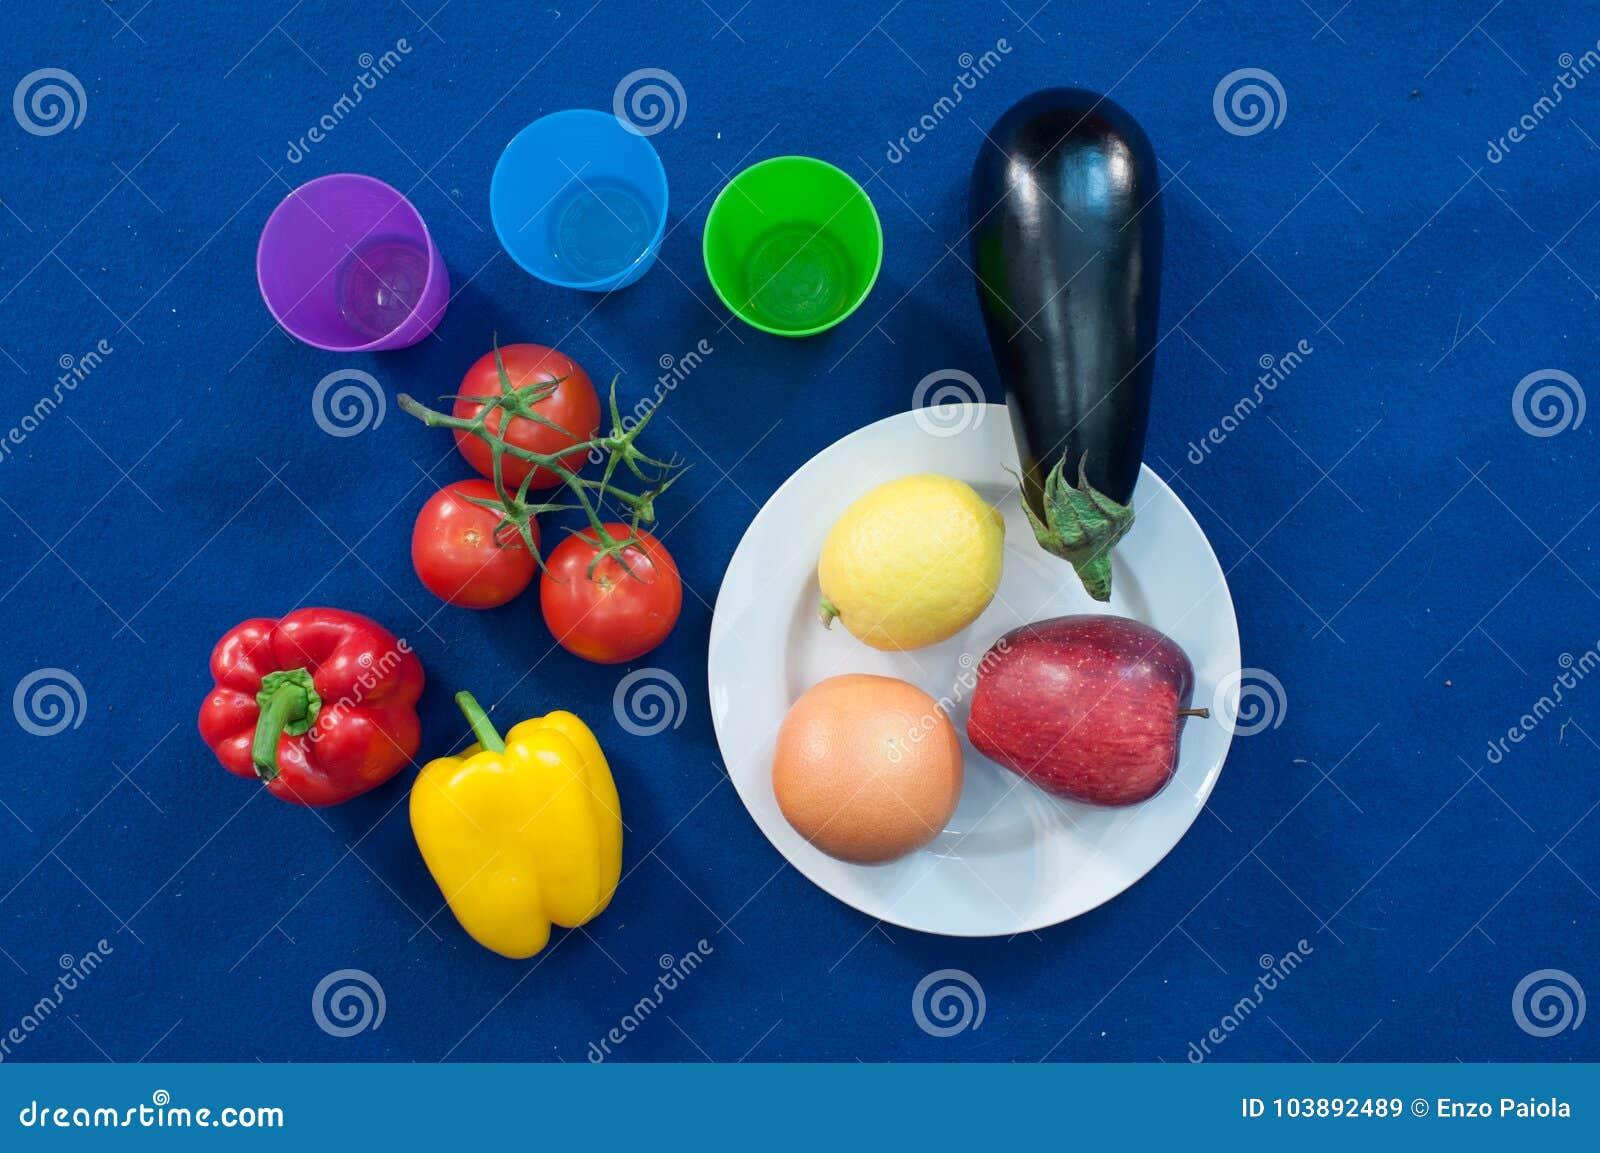 Τα λαχανικά και τα φρούτα είναι ένα σημαντικό μέρος μιας υγιεινής διατροφής, και η ποικιλία είναι όπως σημαντική